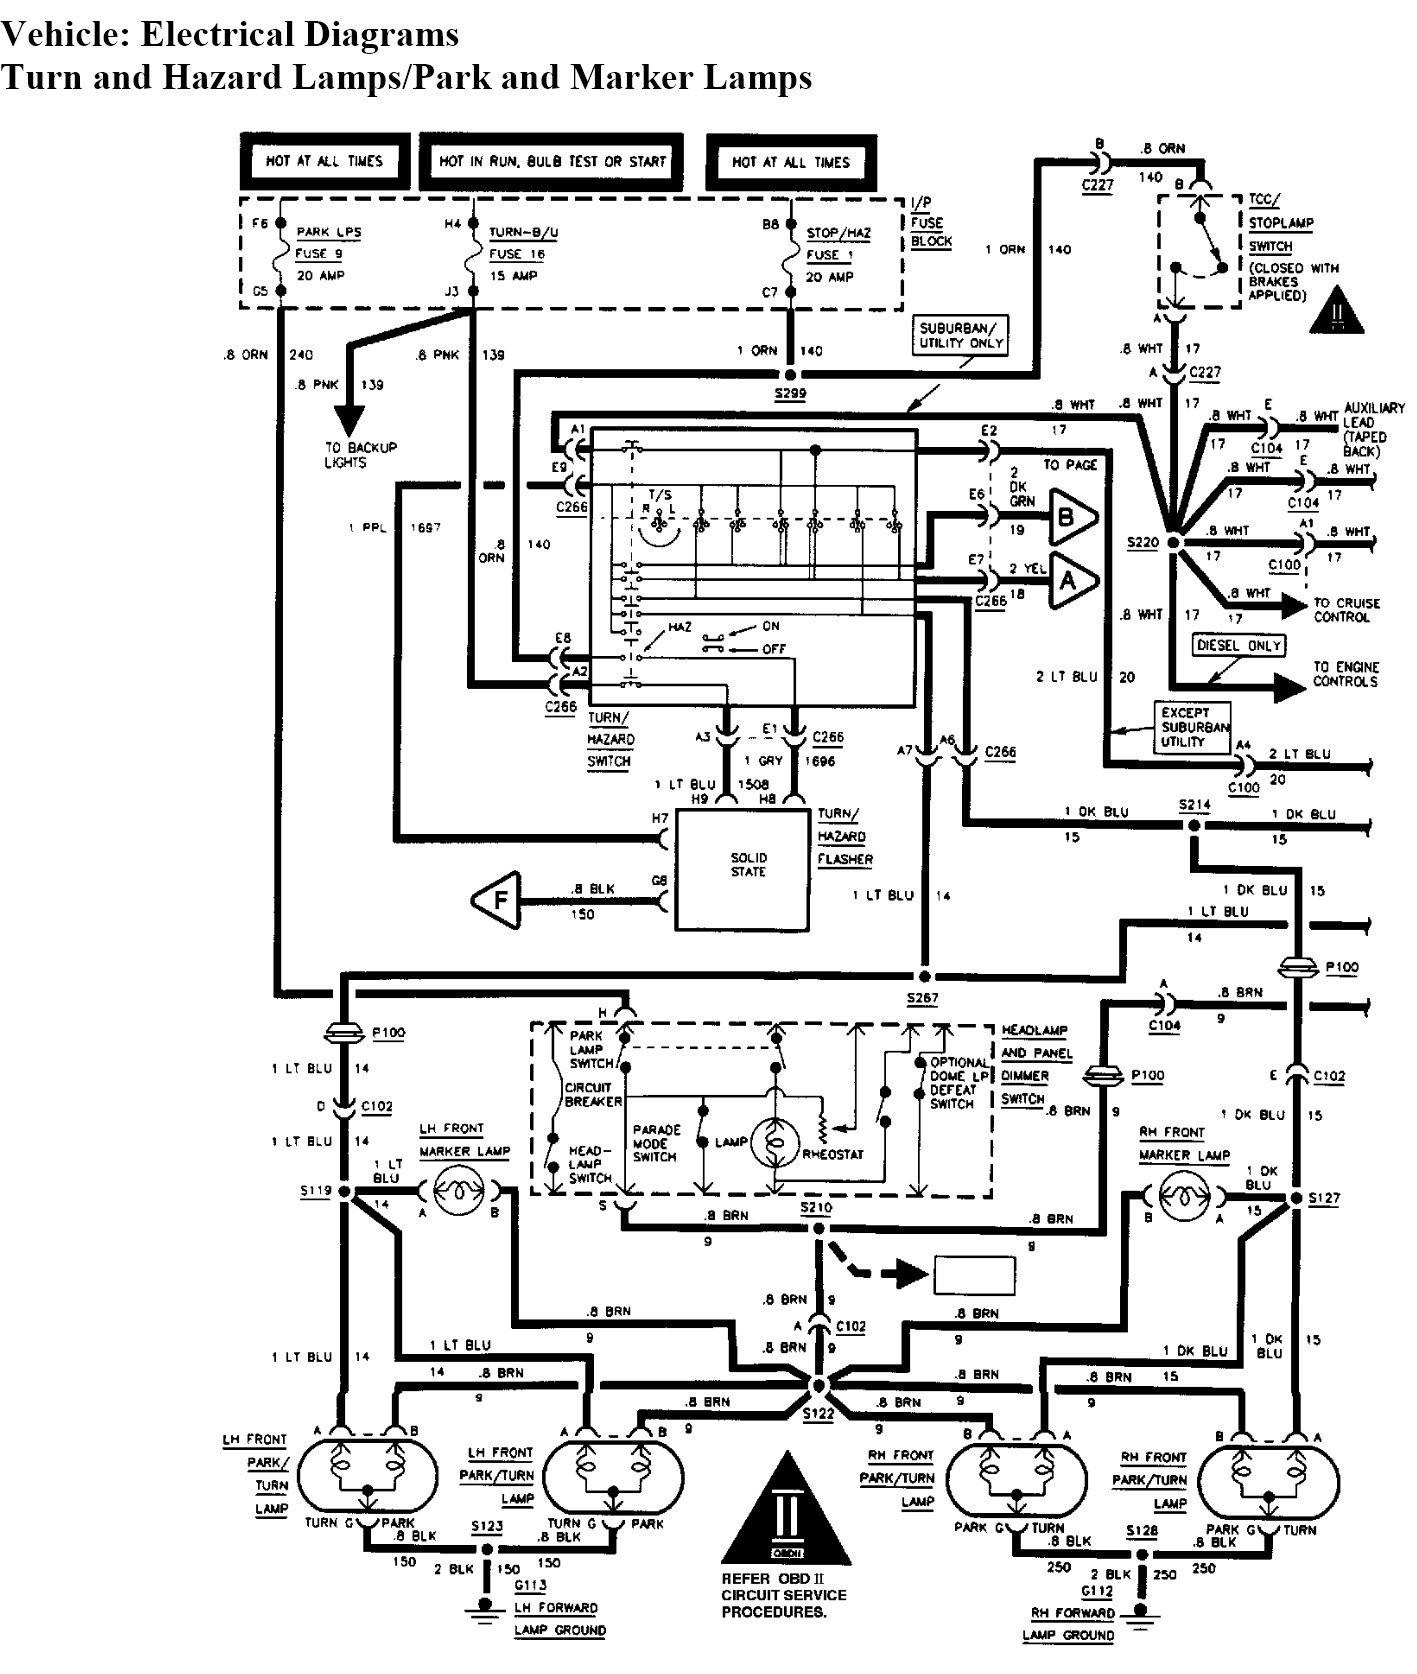 2003 Tahoe Wiring Schematic : 2003 Chevrolet Tahoe Wiring